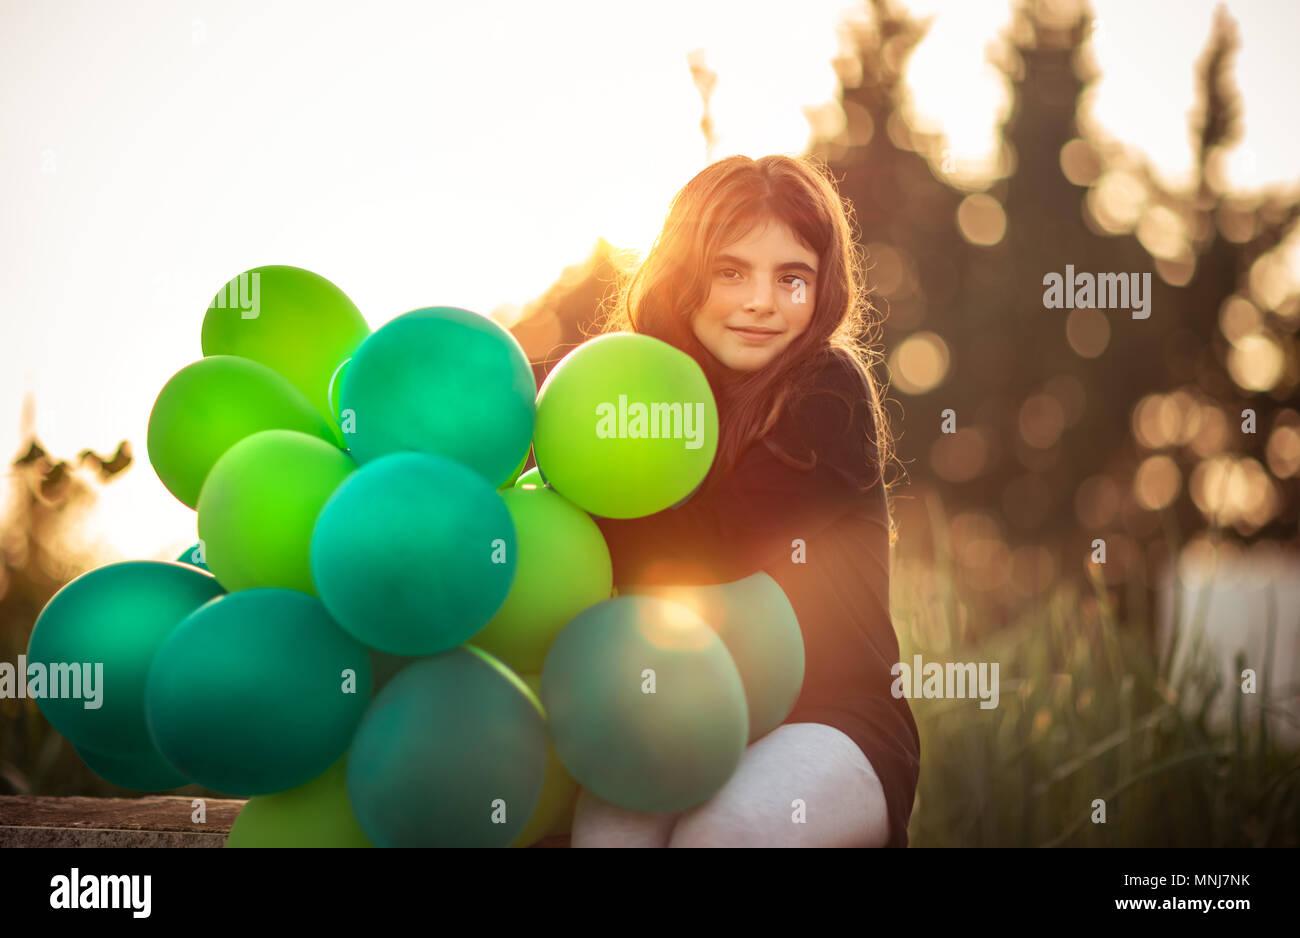 Ritratto di una incantevole piccola ragazza seduta nel parco con la pila di verde palloncini aria all'aperto in serata dolce della luce del sole, festeggia il compleanno, preparati Immagini Stock